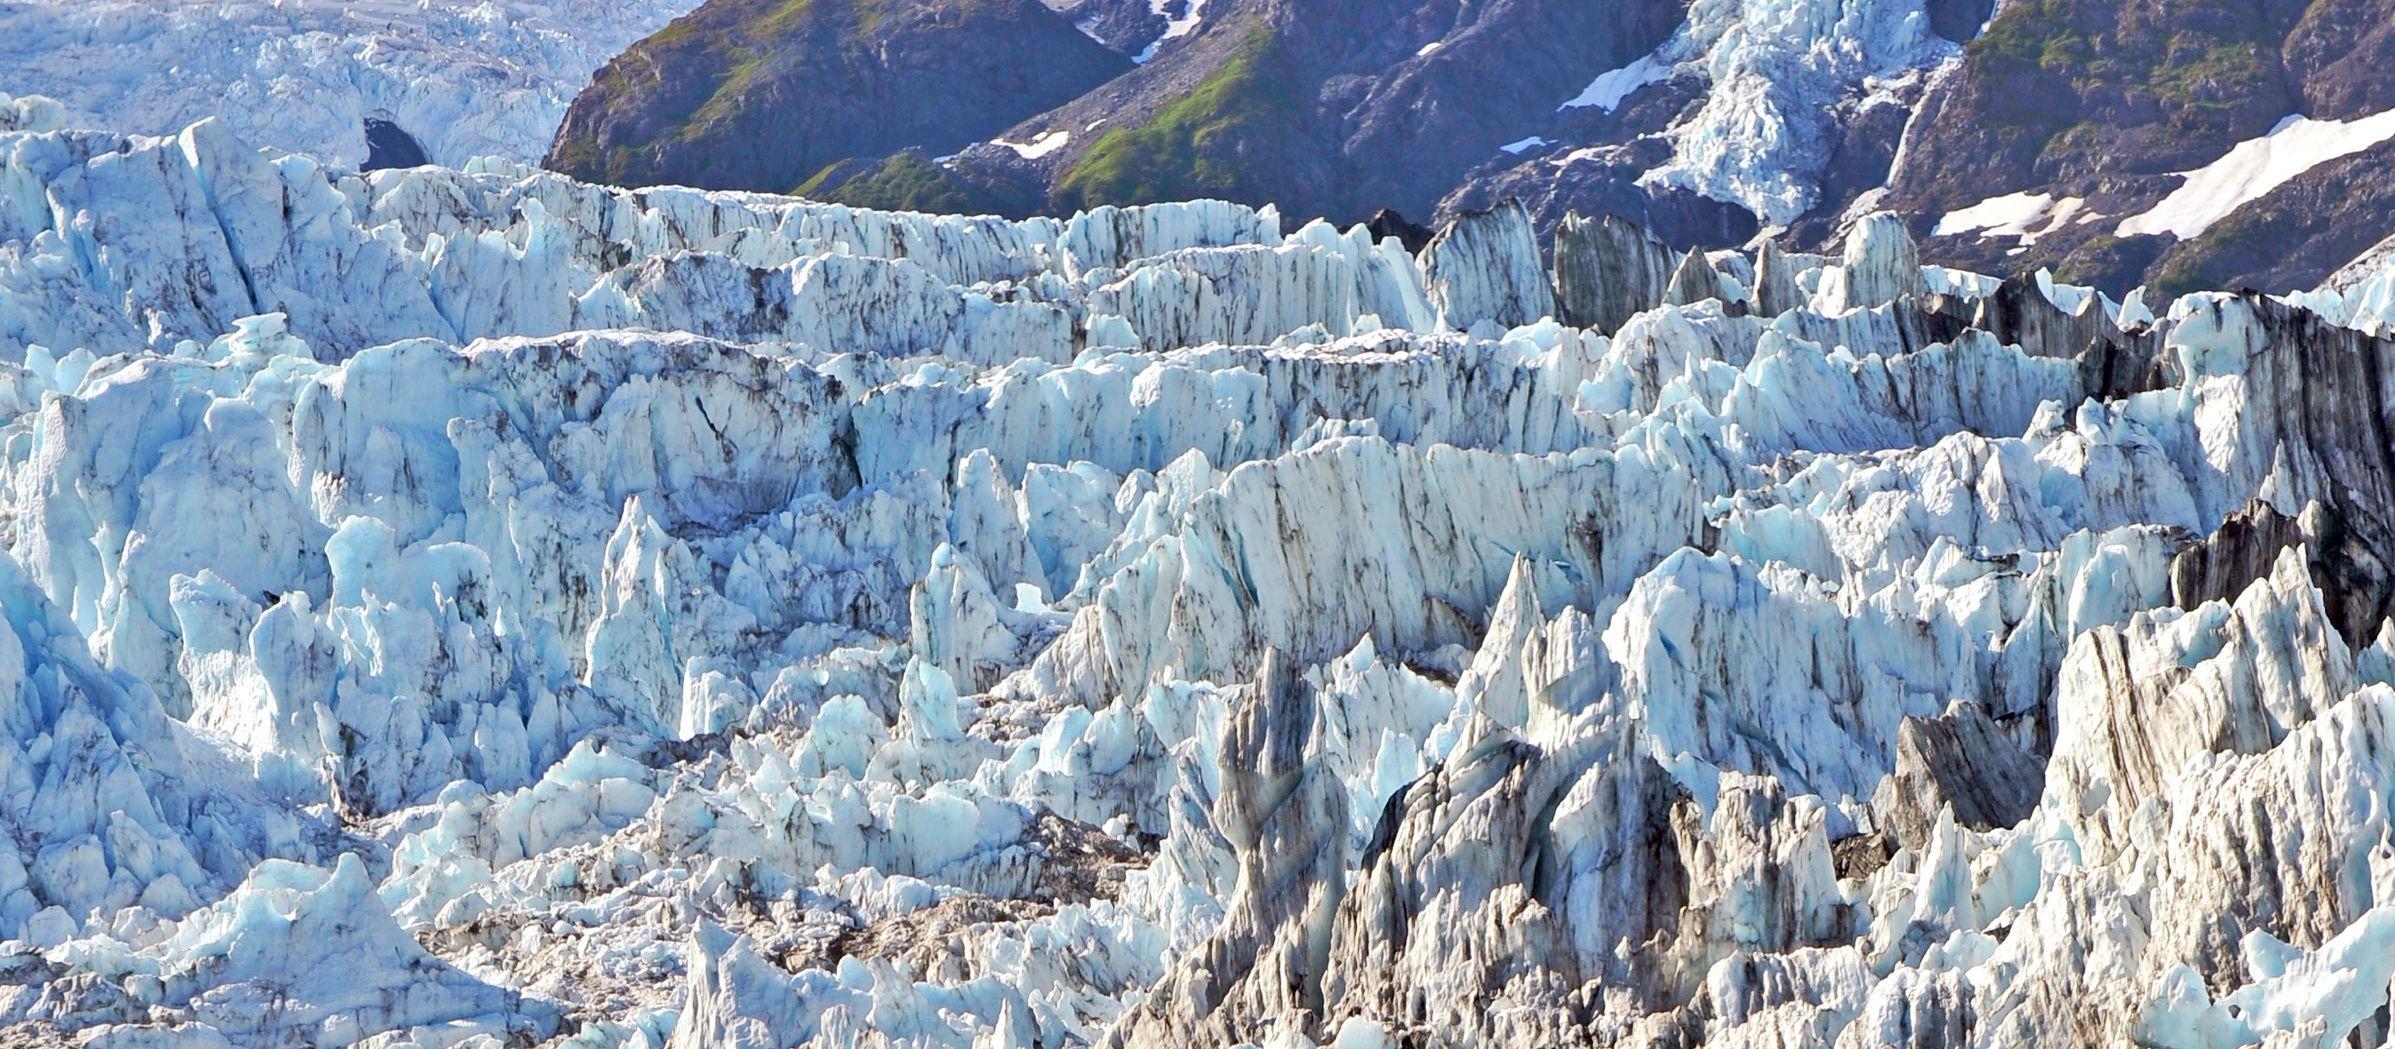 Gletscher im Prince William Sound